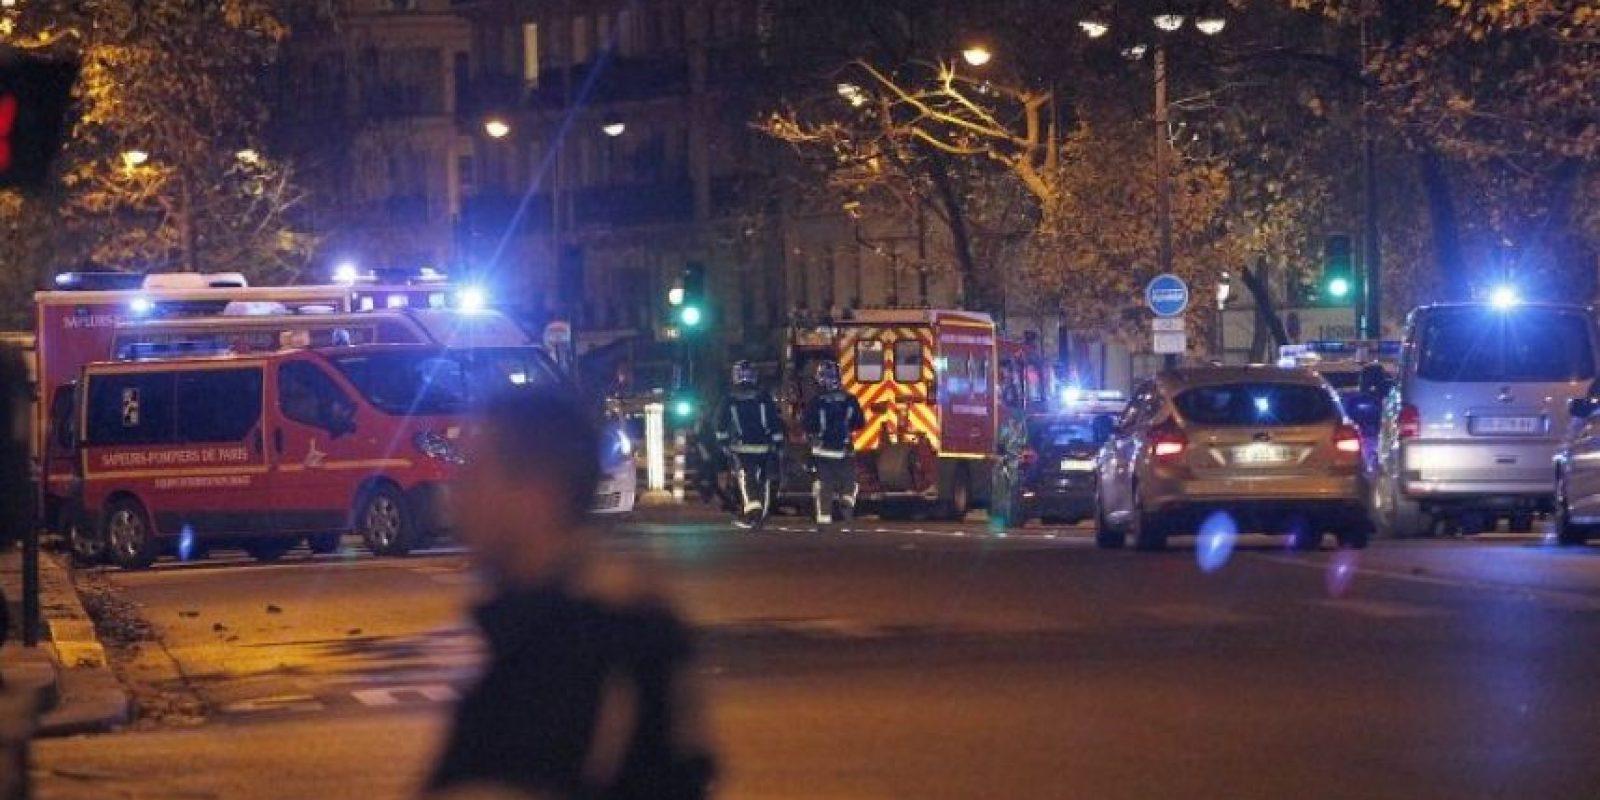 Las versiones sin fundamento indican que los supuestos héroes abatieron a los terroristas en un restaurante parisino. Foto:Getty Images